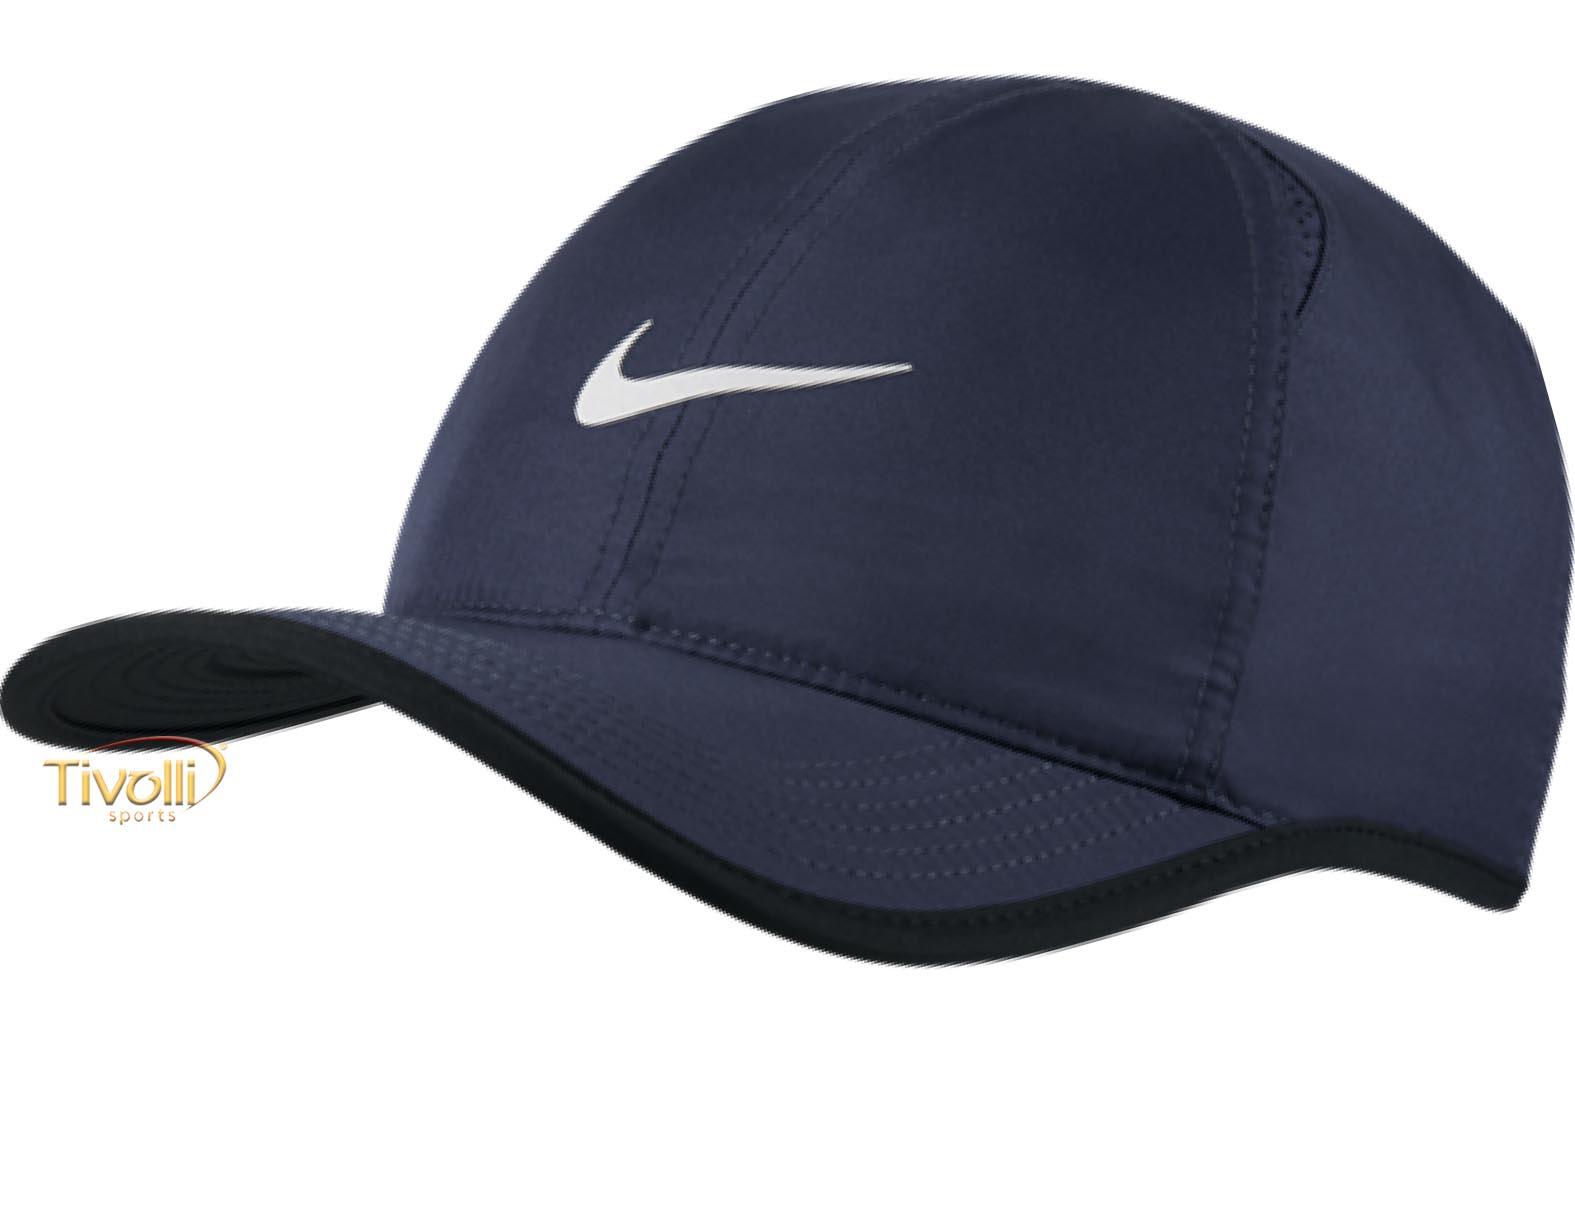 Raquete Mania   Boné Nike Featherlight   Azul Marinho e Preto 38fd1a705eb